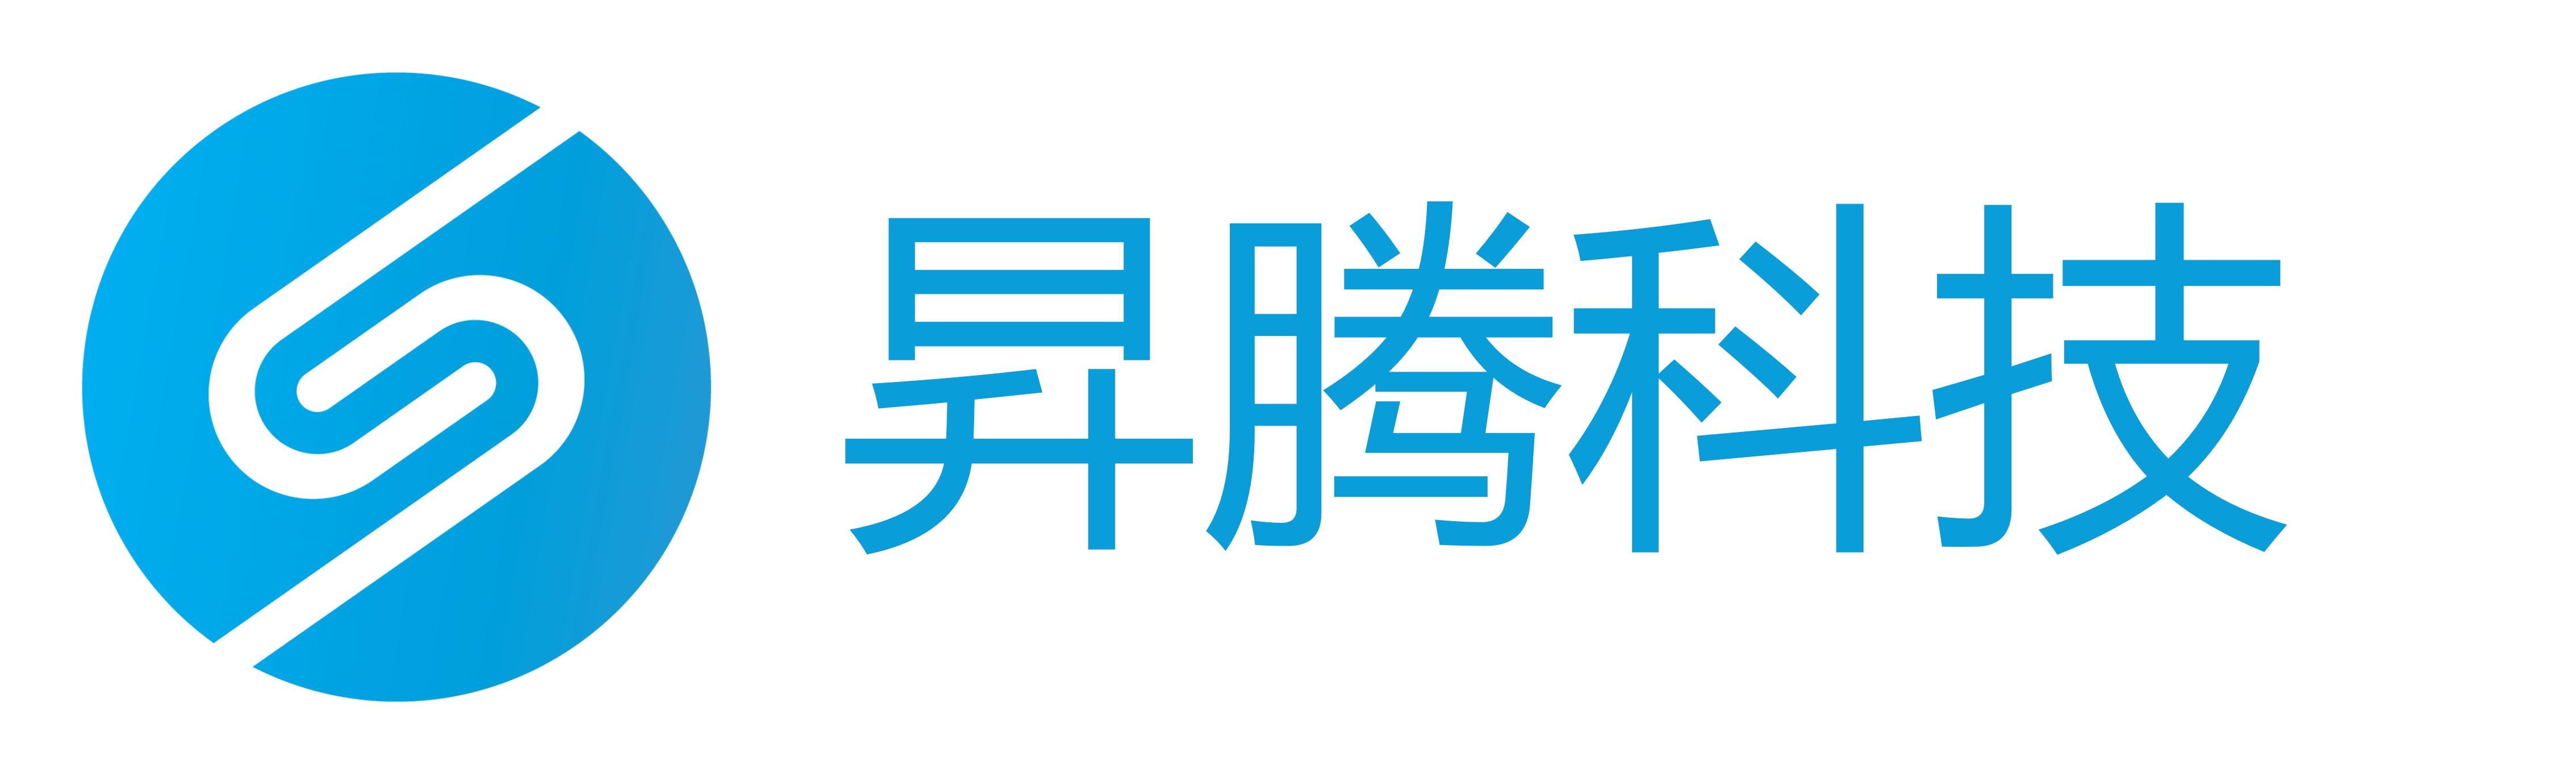 昇腾科技(上海)有限公司